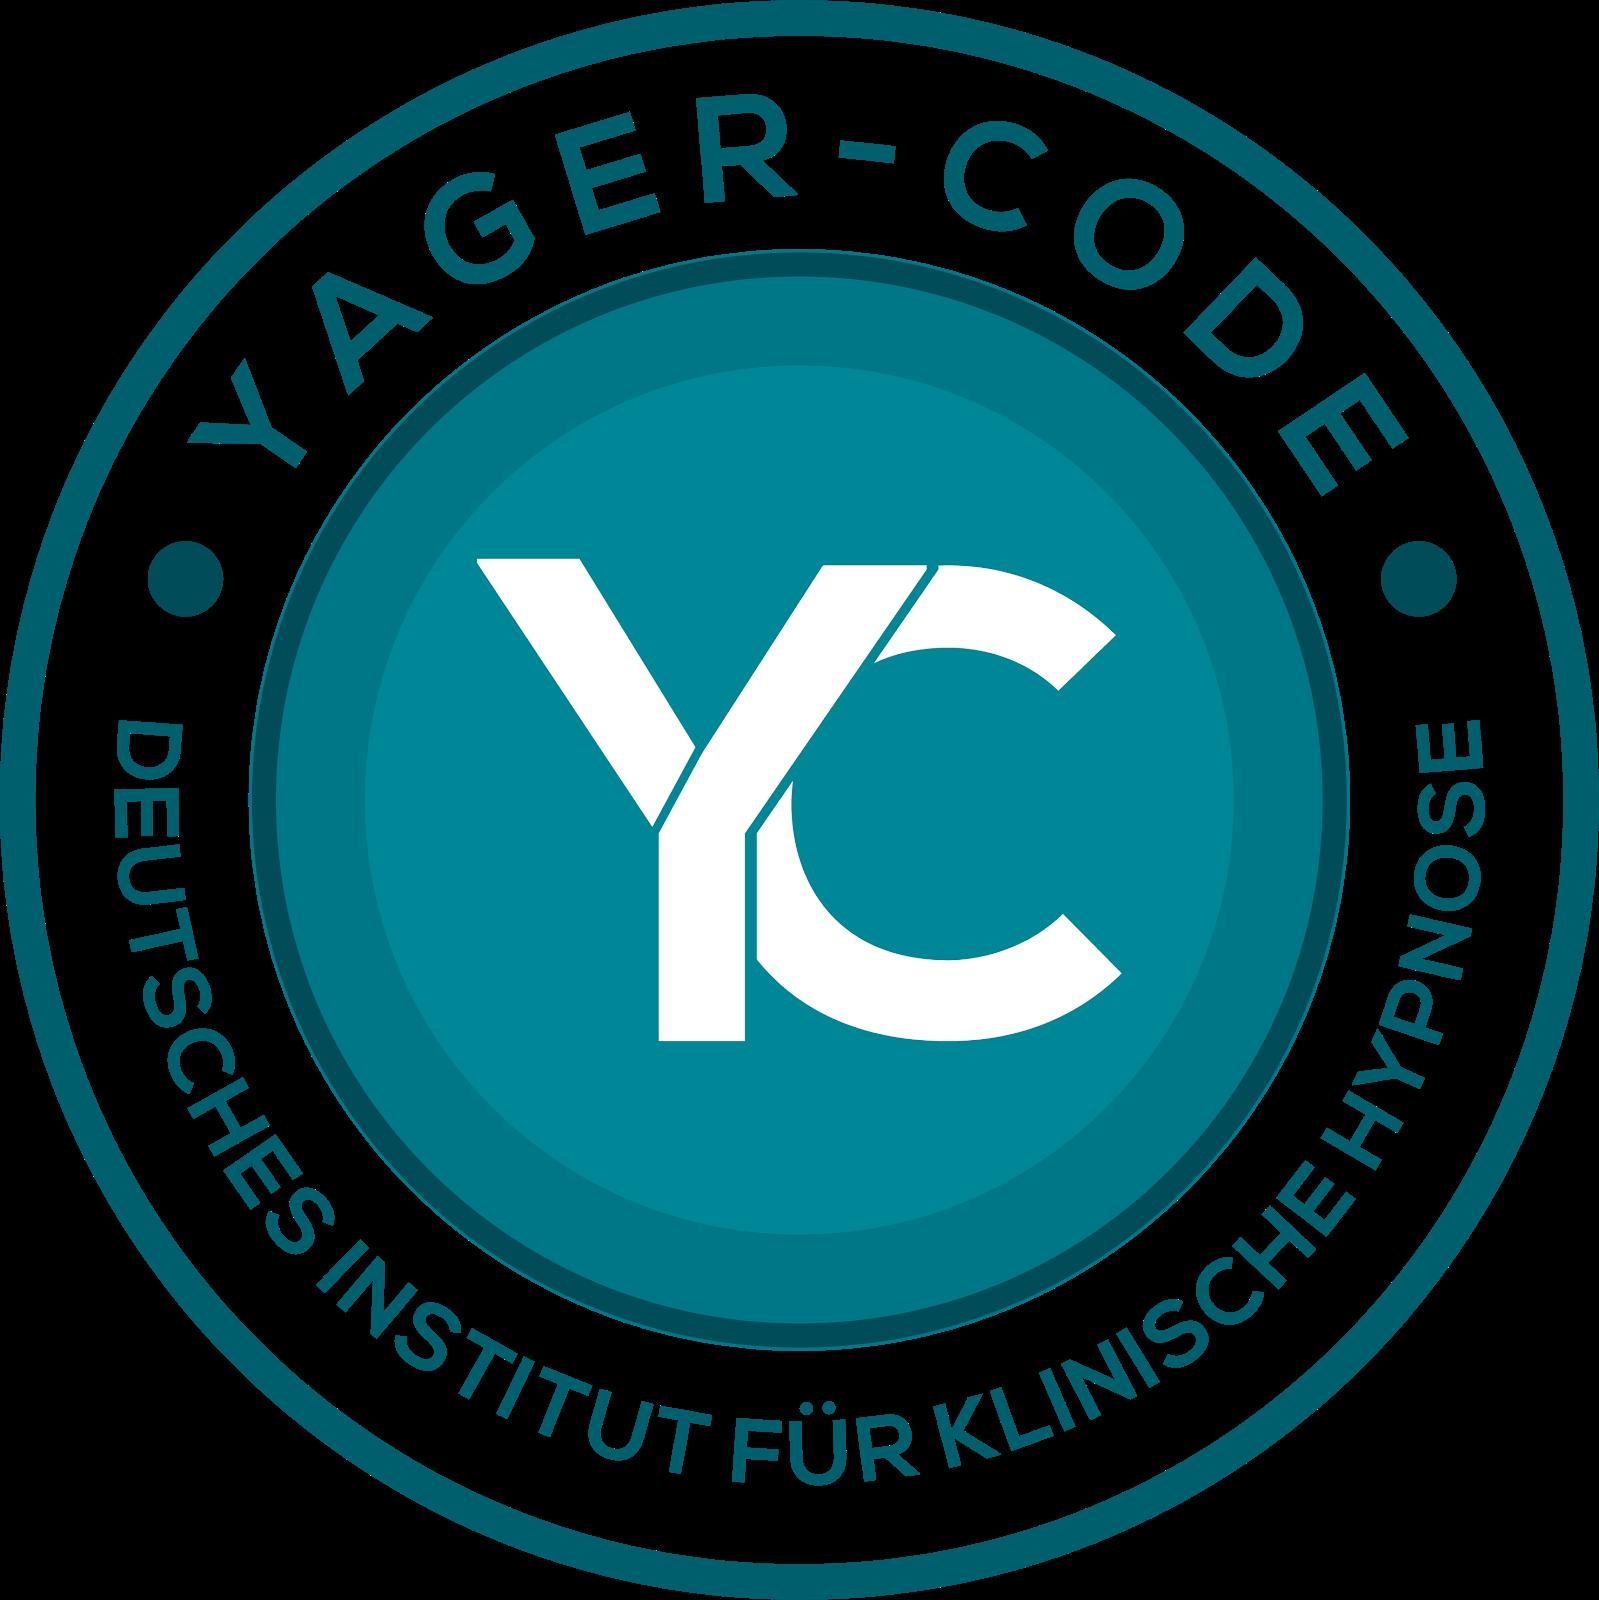 Yager-Code-Gütesiegel des Deutschen Instituts für Klinische Hypnose